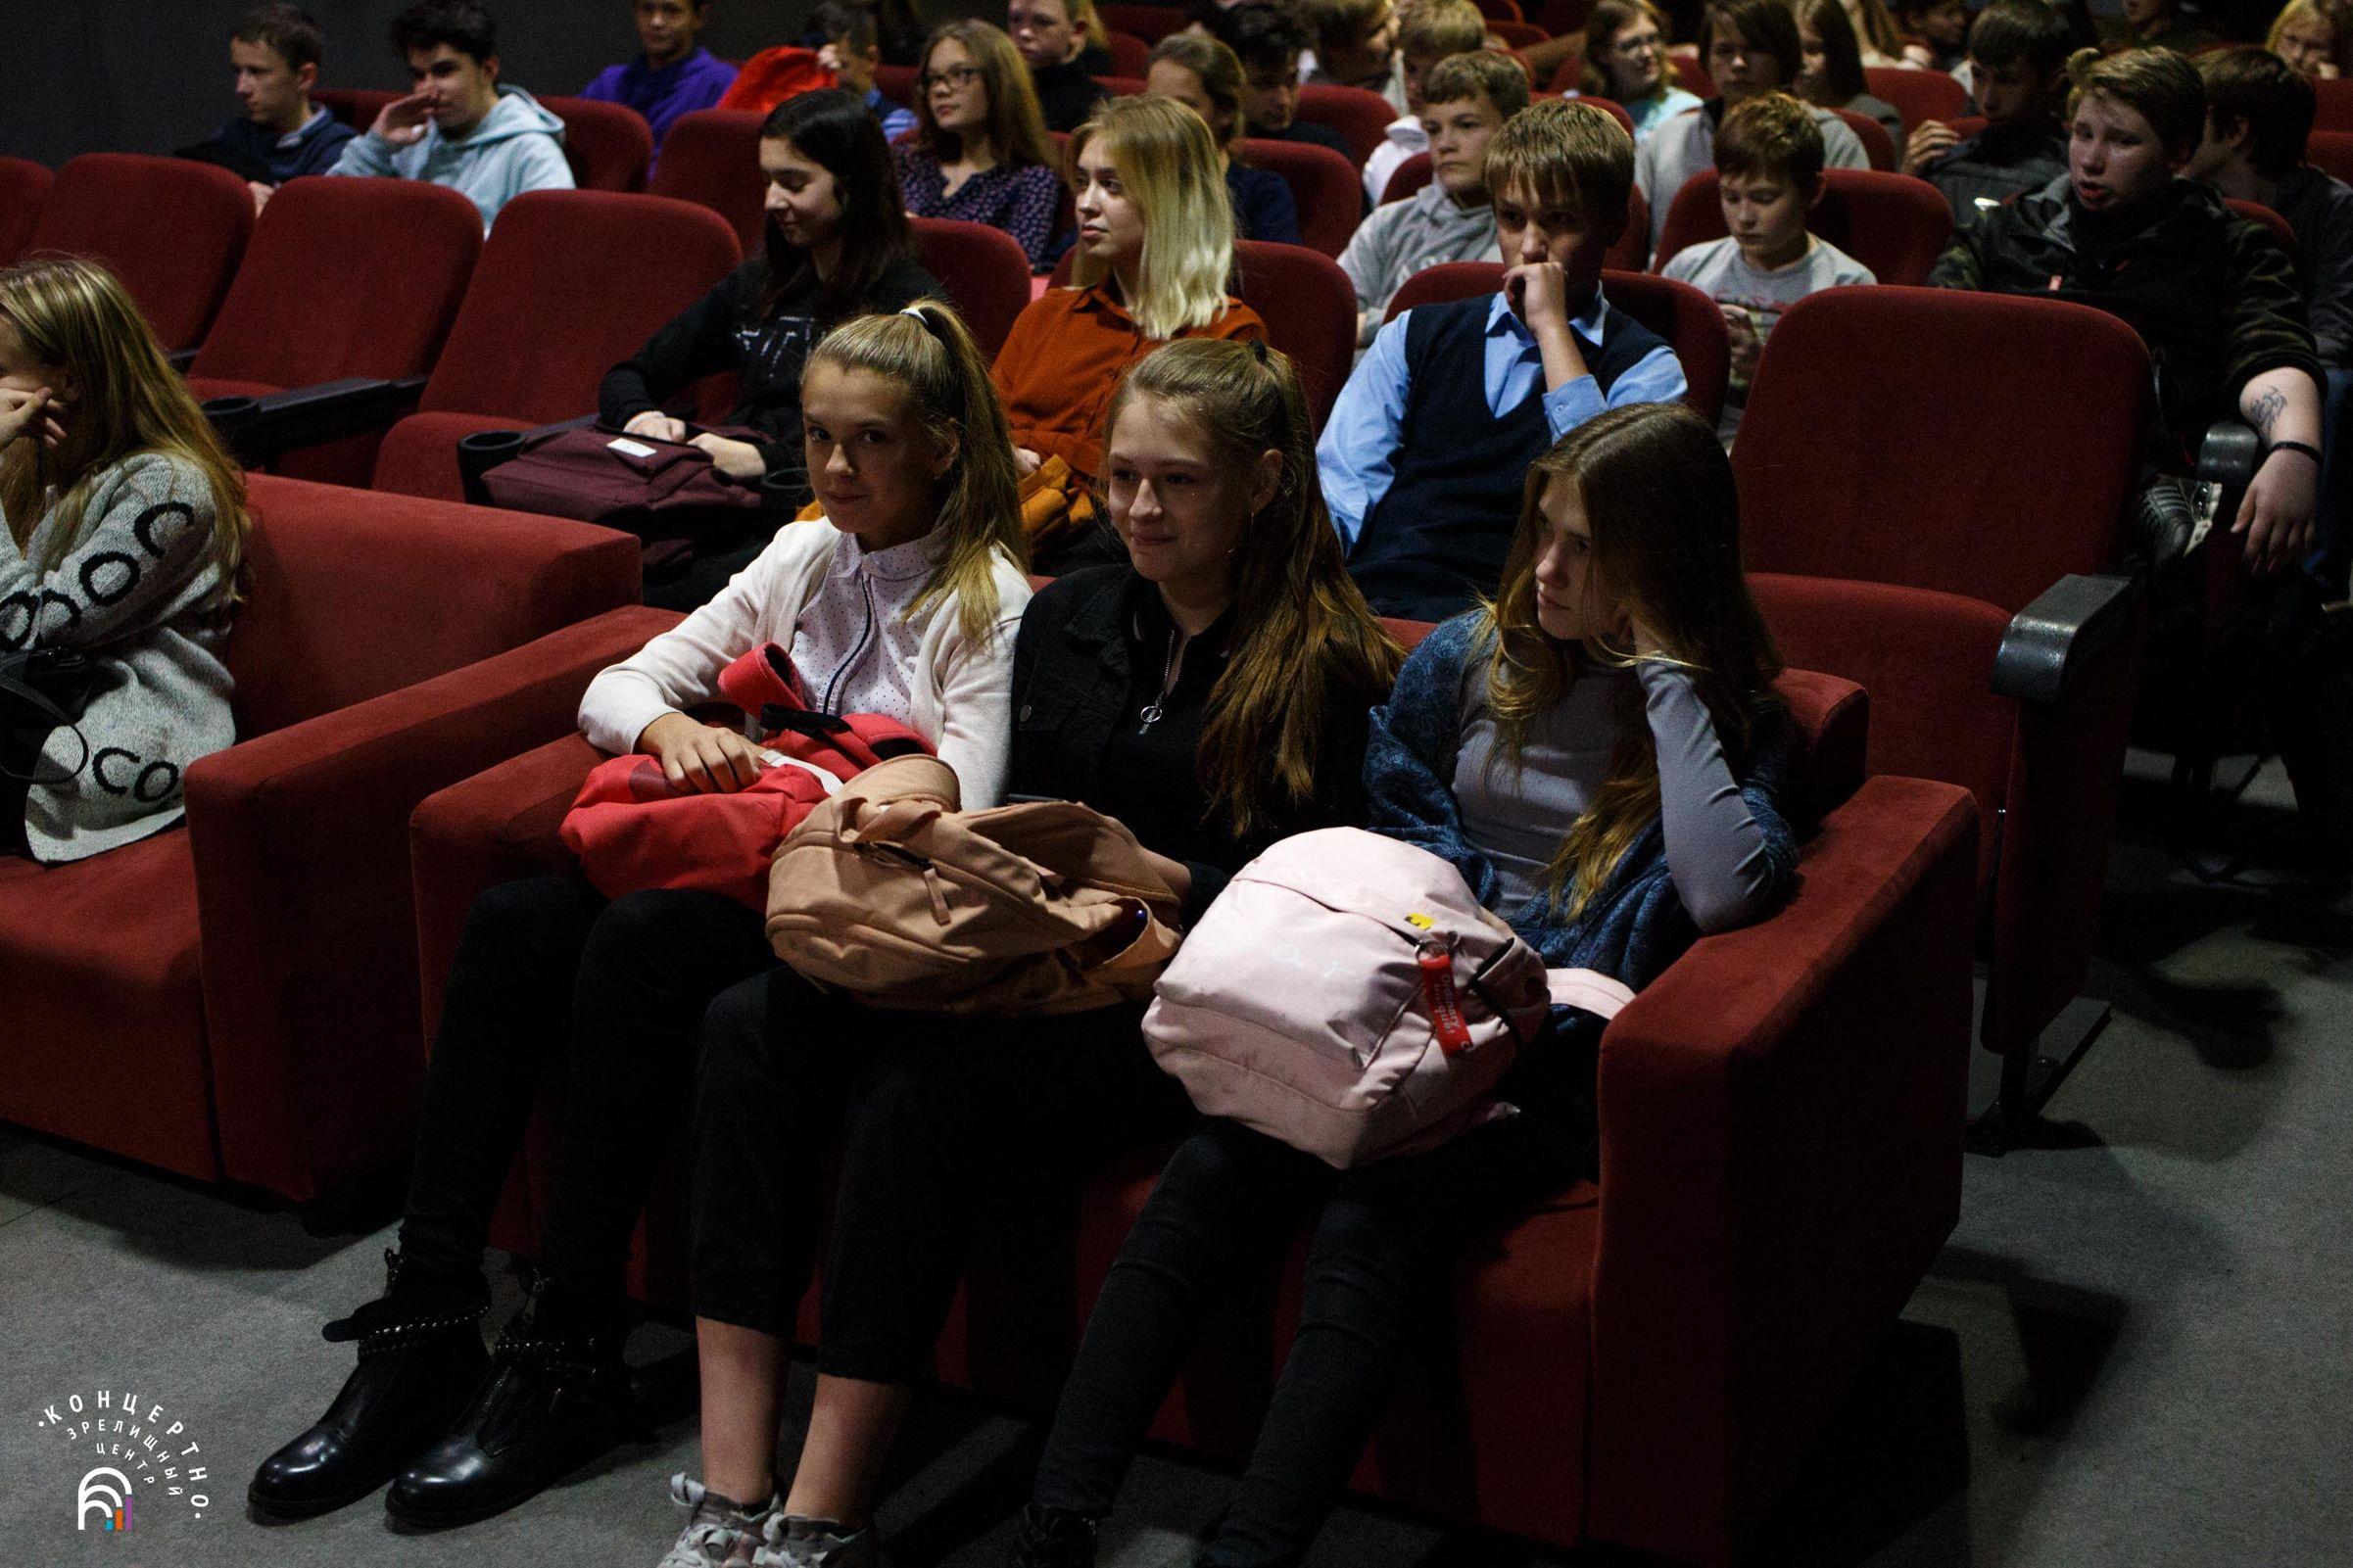 В Ярославском регионе проходят показы киноработ участников студенческого фестиваля ВГИК